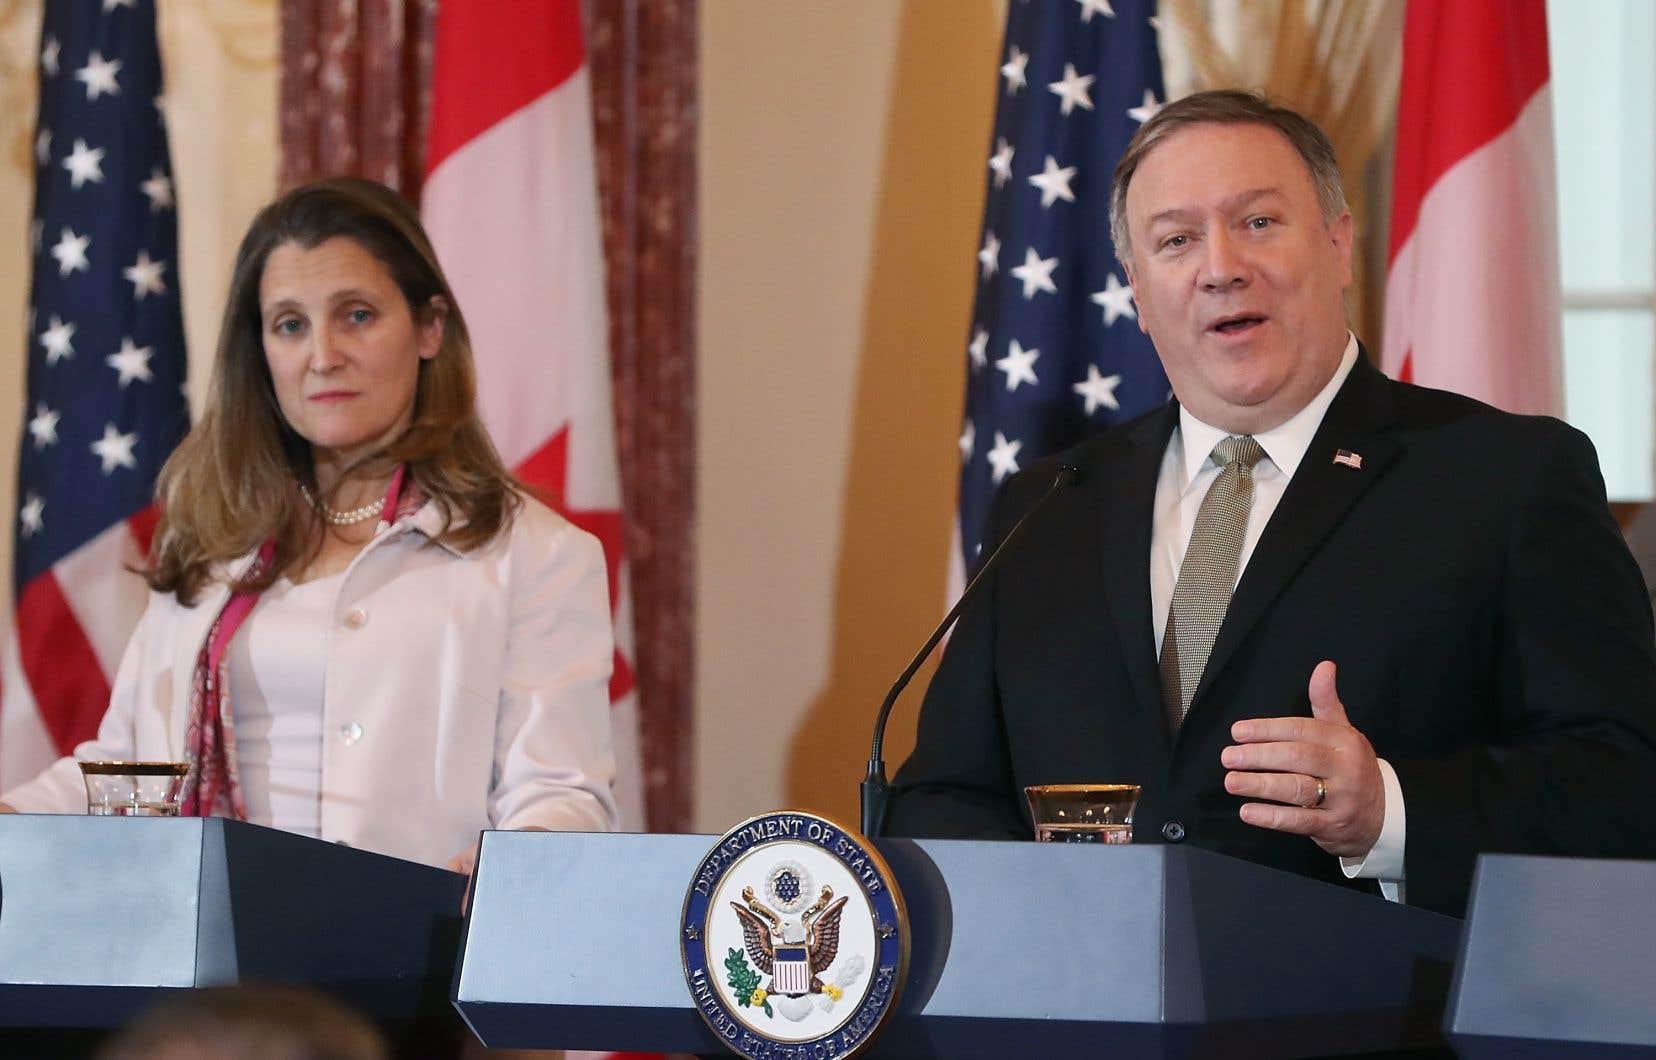 «La détention de ces deux citoyens canadiens en Chine doit prendre fin», a déclaré le secrétaire d'État américain, Mike Pompeo, aux côtés de la ministre canadienne des Affaires étrangères, Chrystia Freeland.